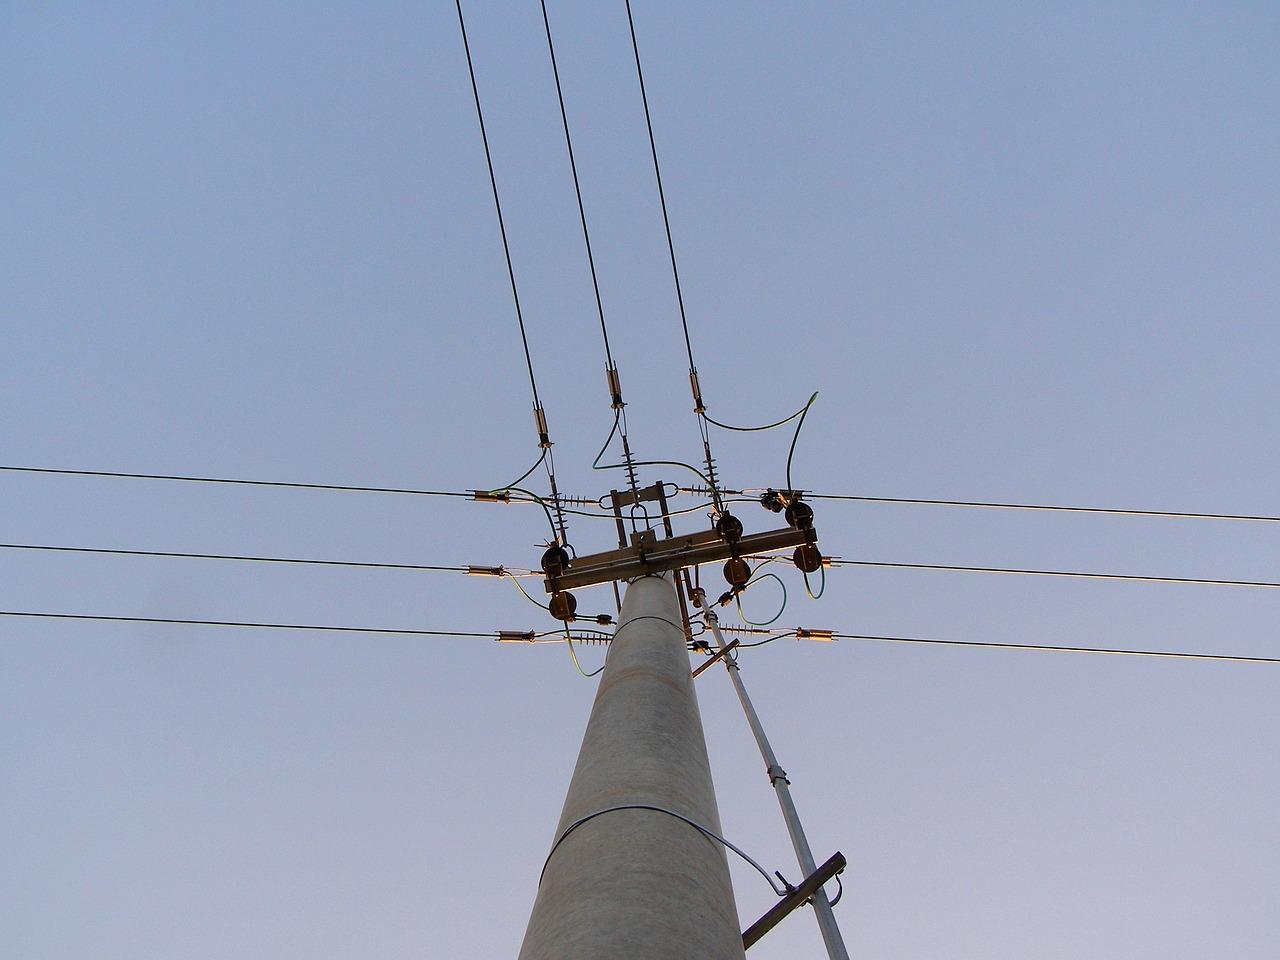 W marcu wejdzie ustawa, która przyspieszy rozwój magazynowania energii - Zdjęcie główne